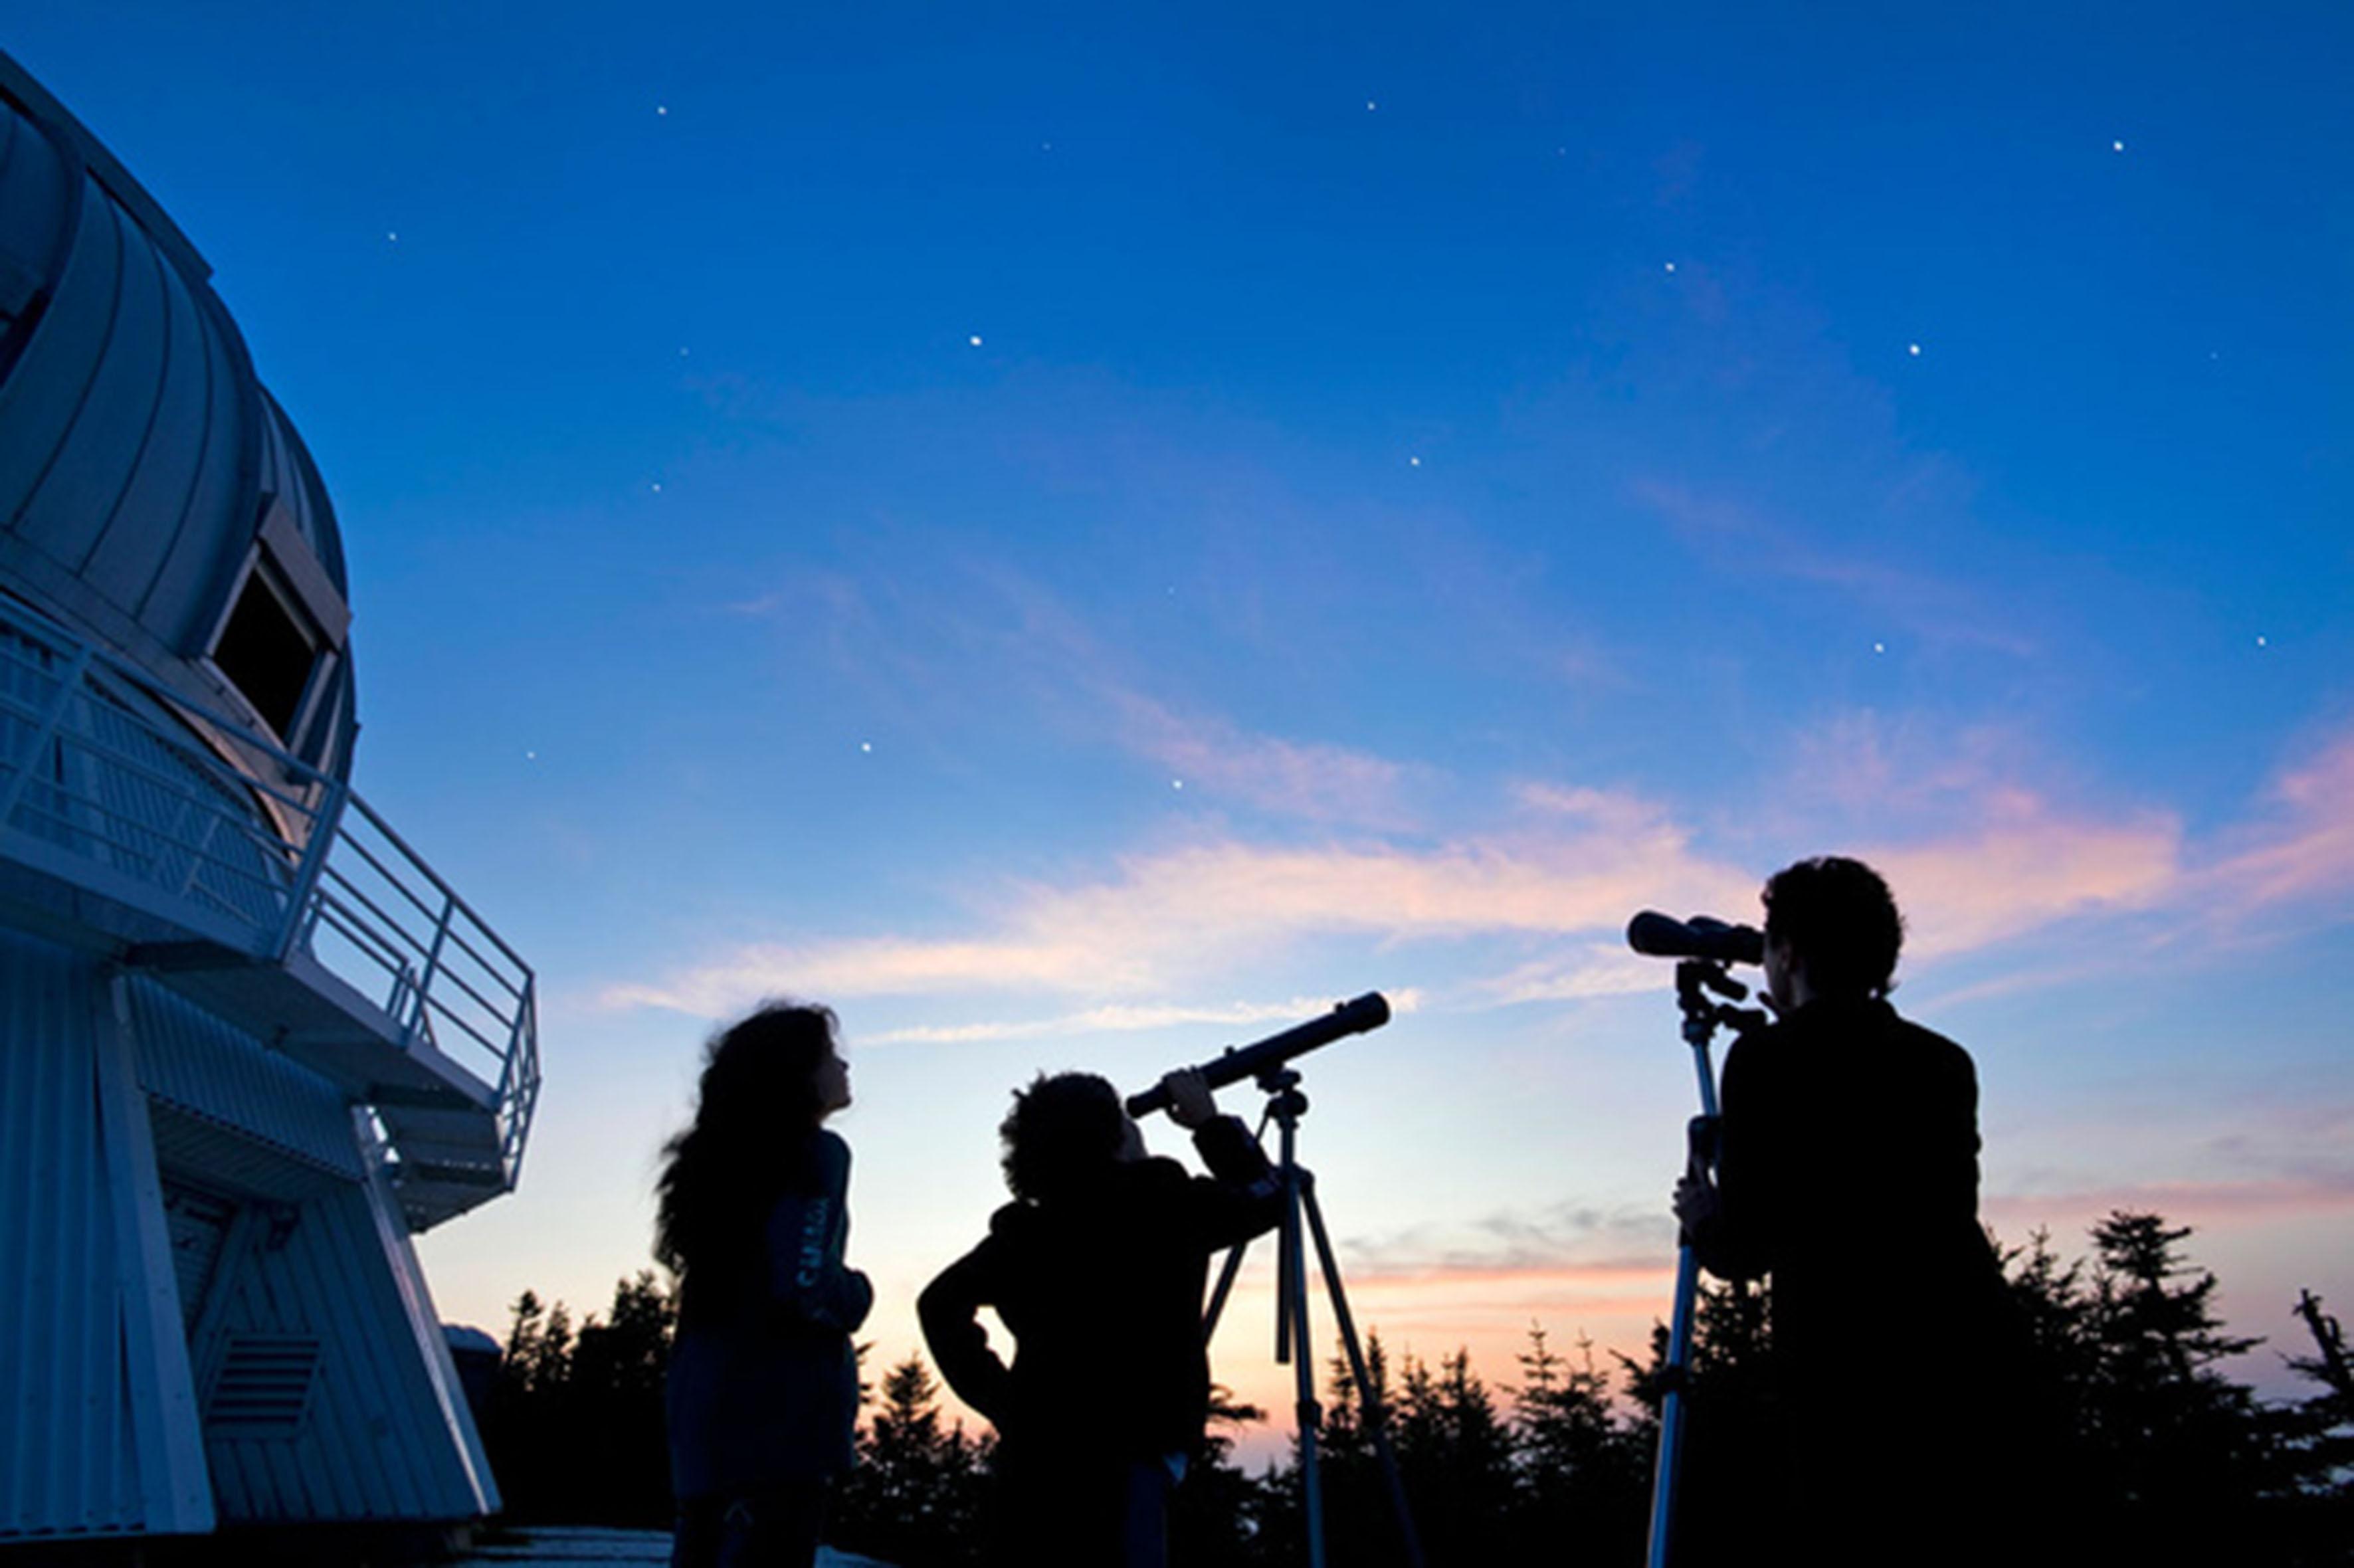 Mujeres observando al cielo a través de un telescopio